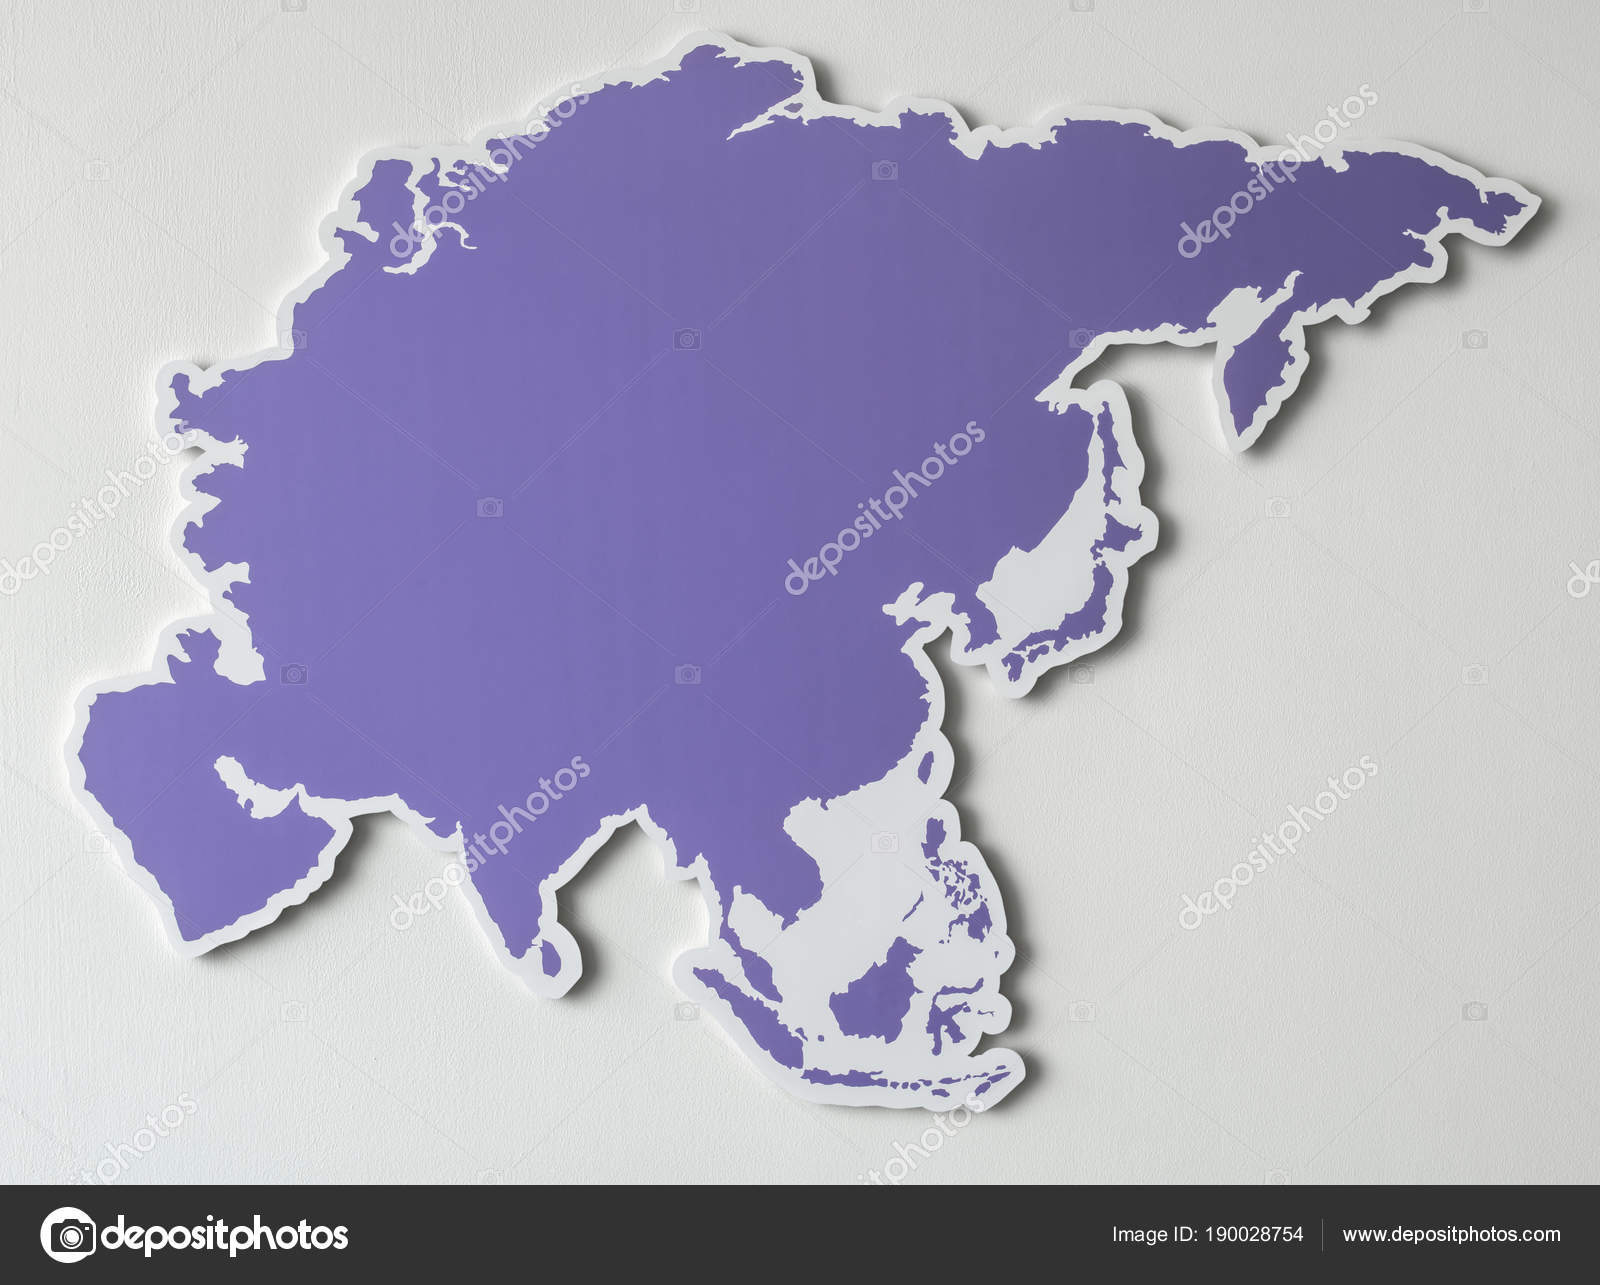 Mappa Muta Gratuita Sud Est Asiatico Foto Stock Rawpixel 190028754